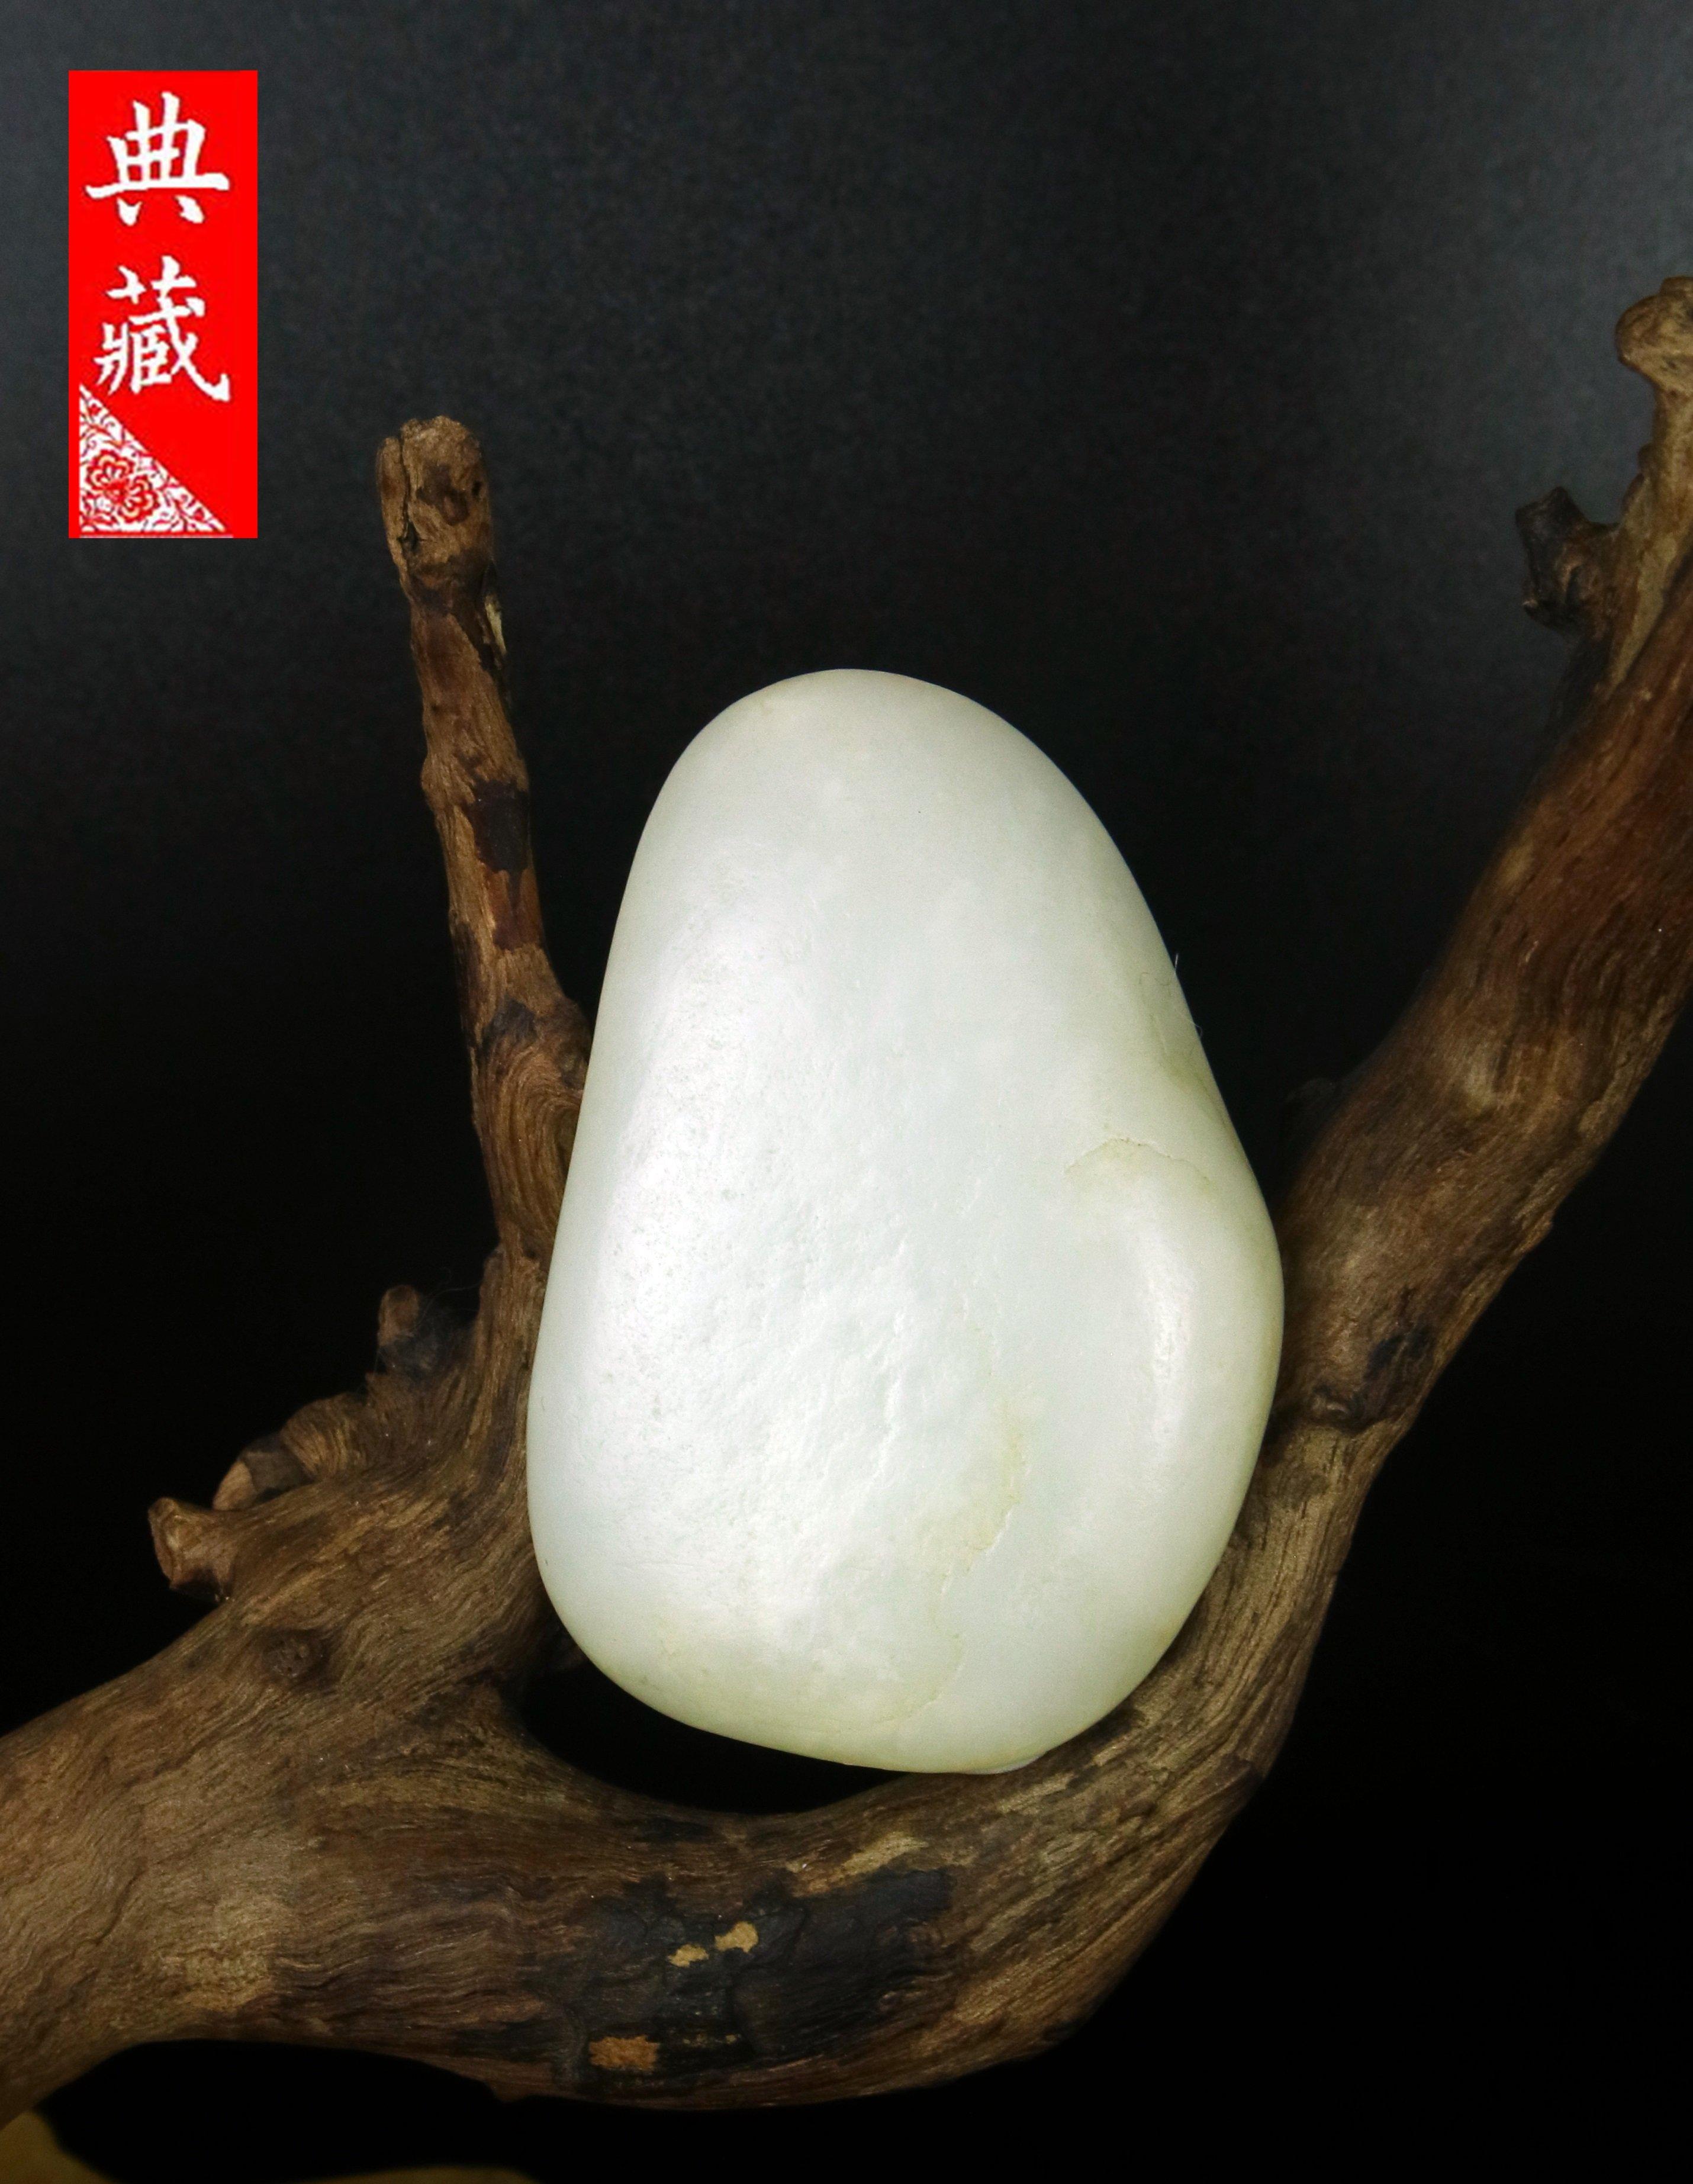 {典藏}正宗新疆和闐玉籽料~羊脂白玉~典藏精品~原石